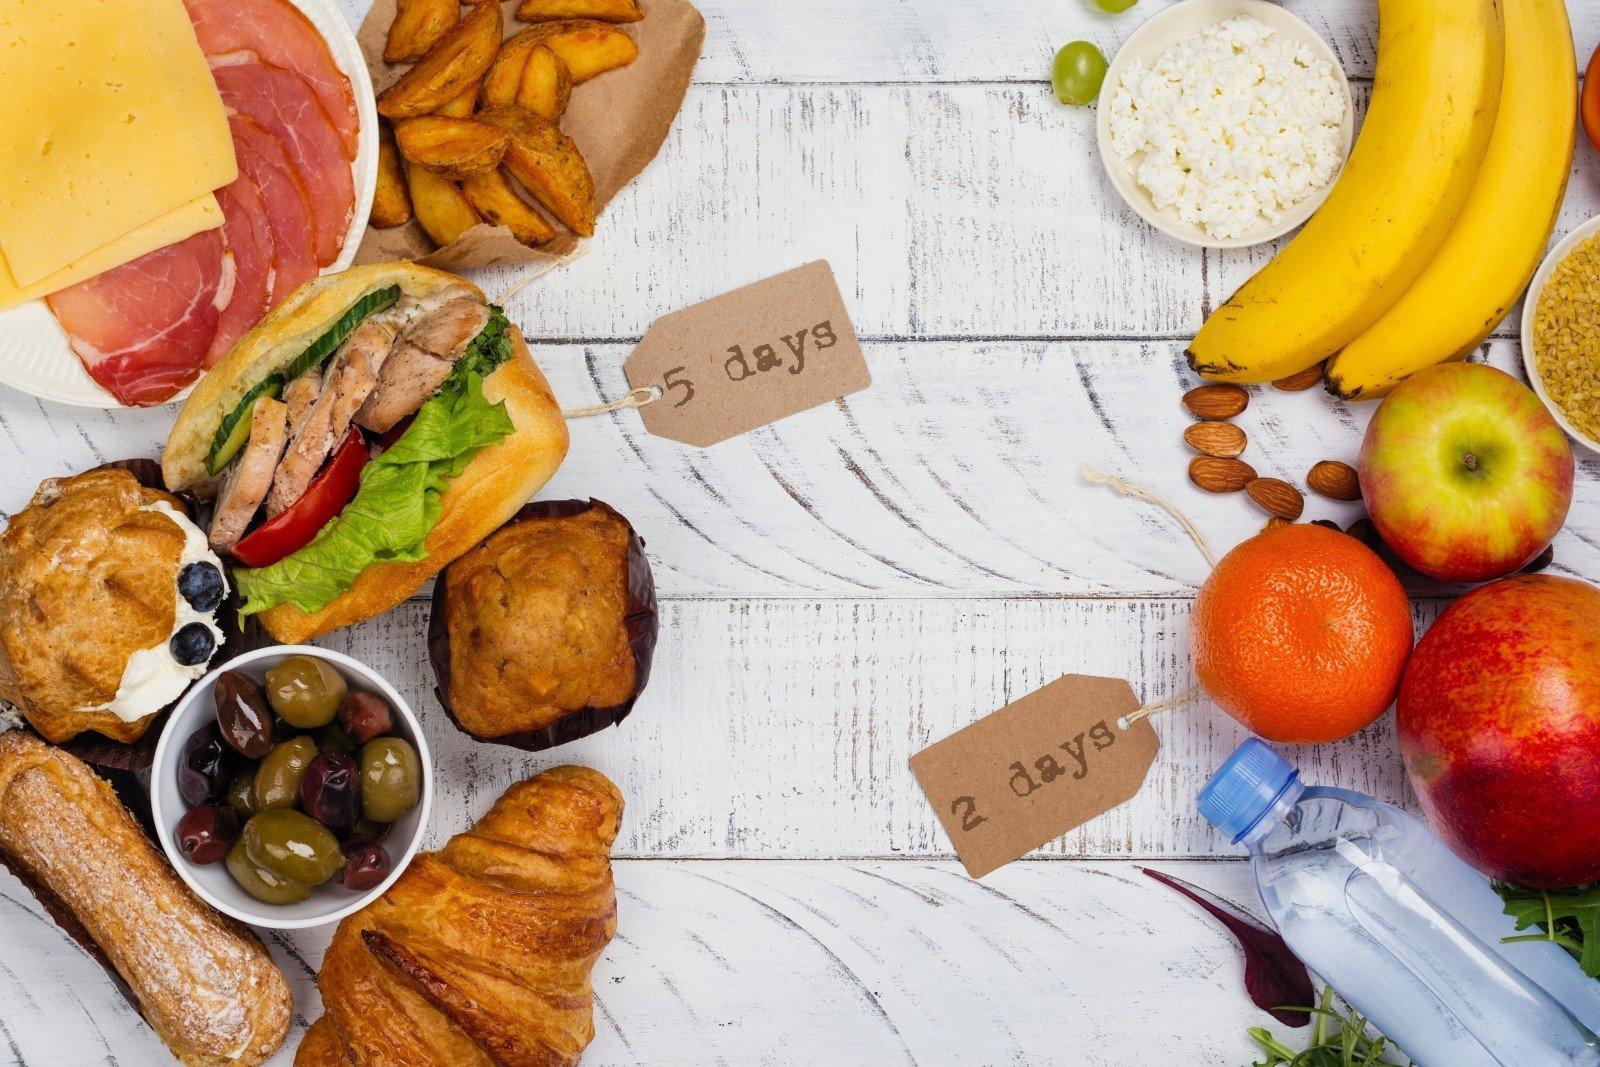 geriausi maisto produktai, skirti gerai širdies sveikatai)